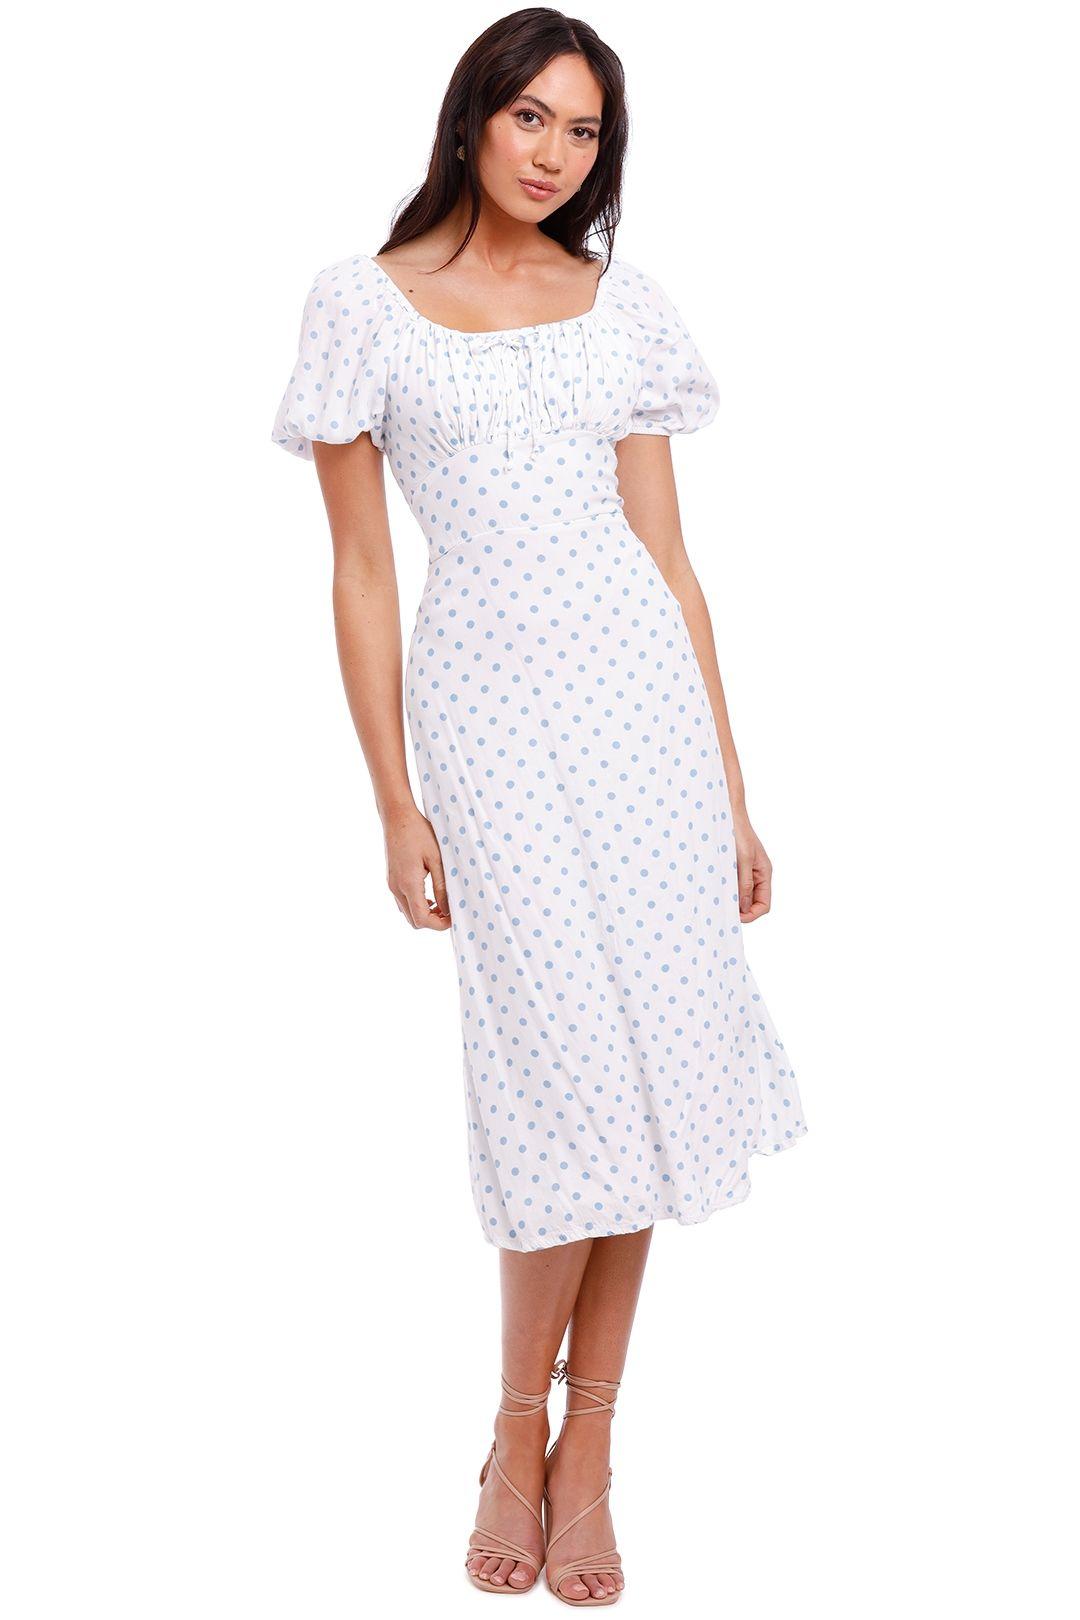 Faithfull Lira Short Sleeve Midi Dress